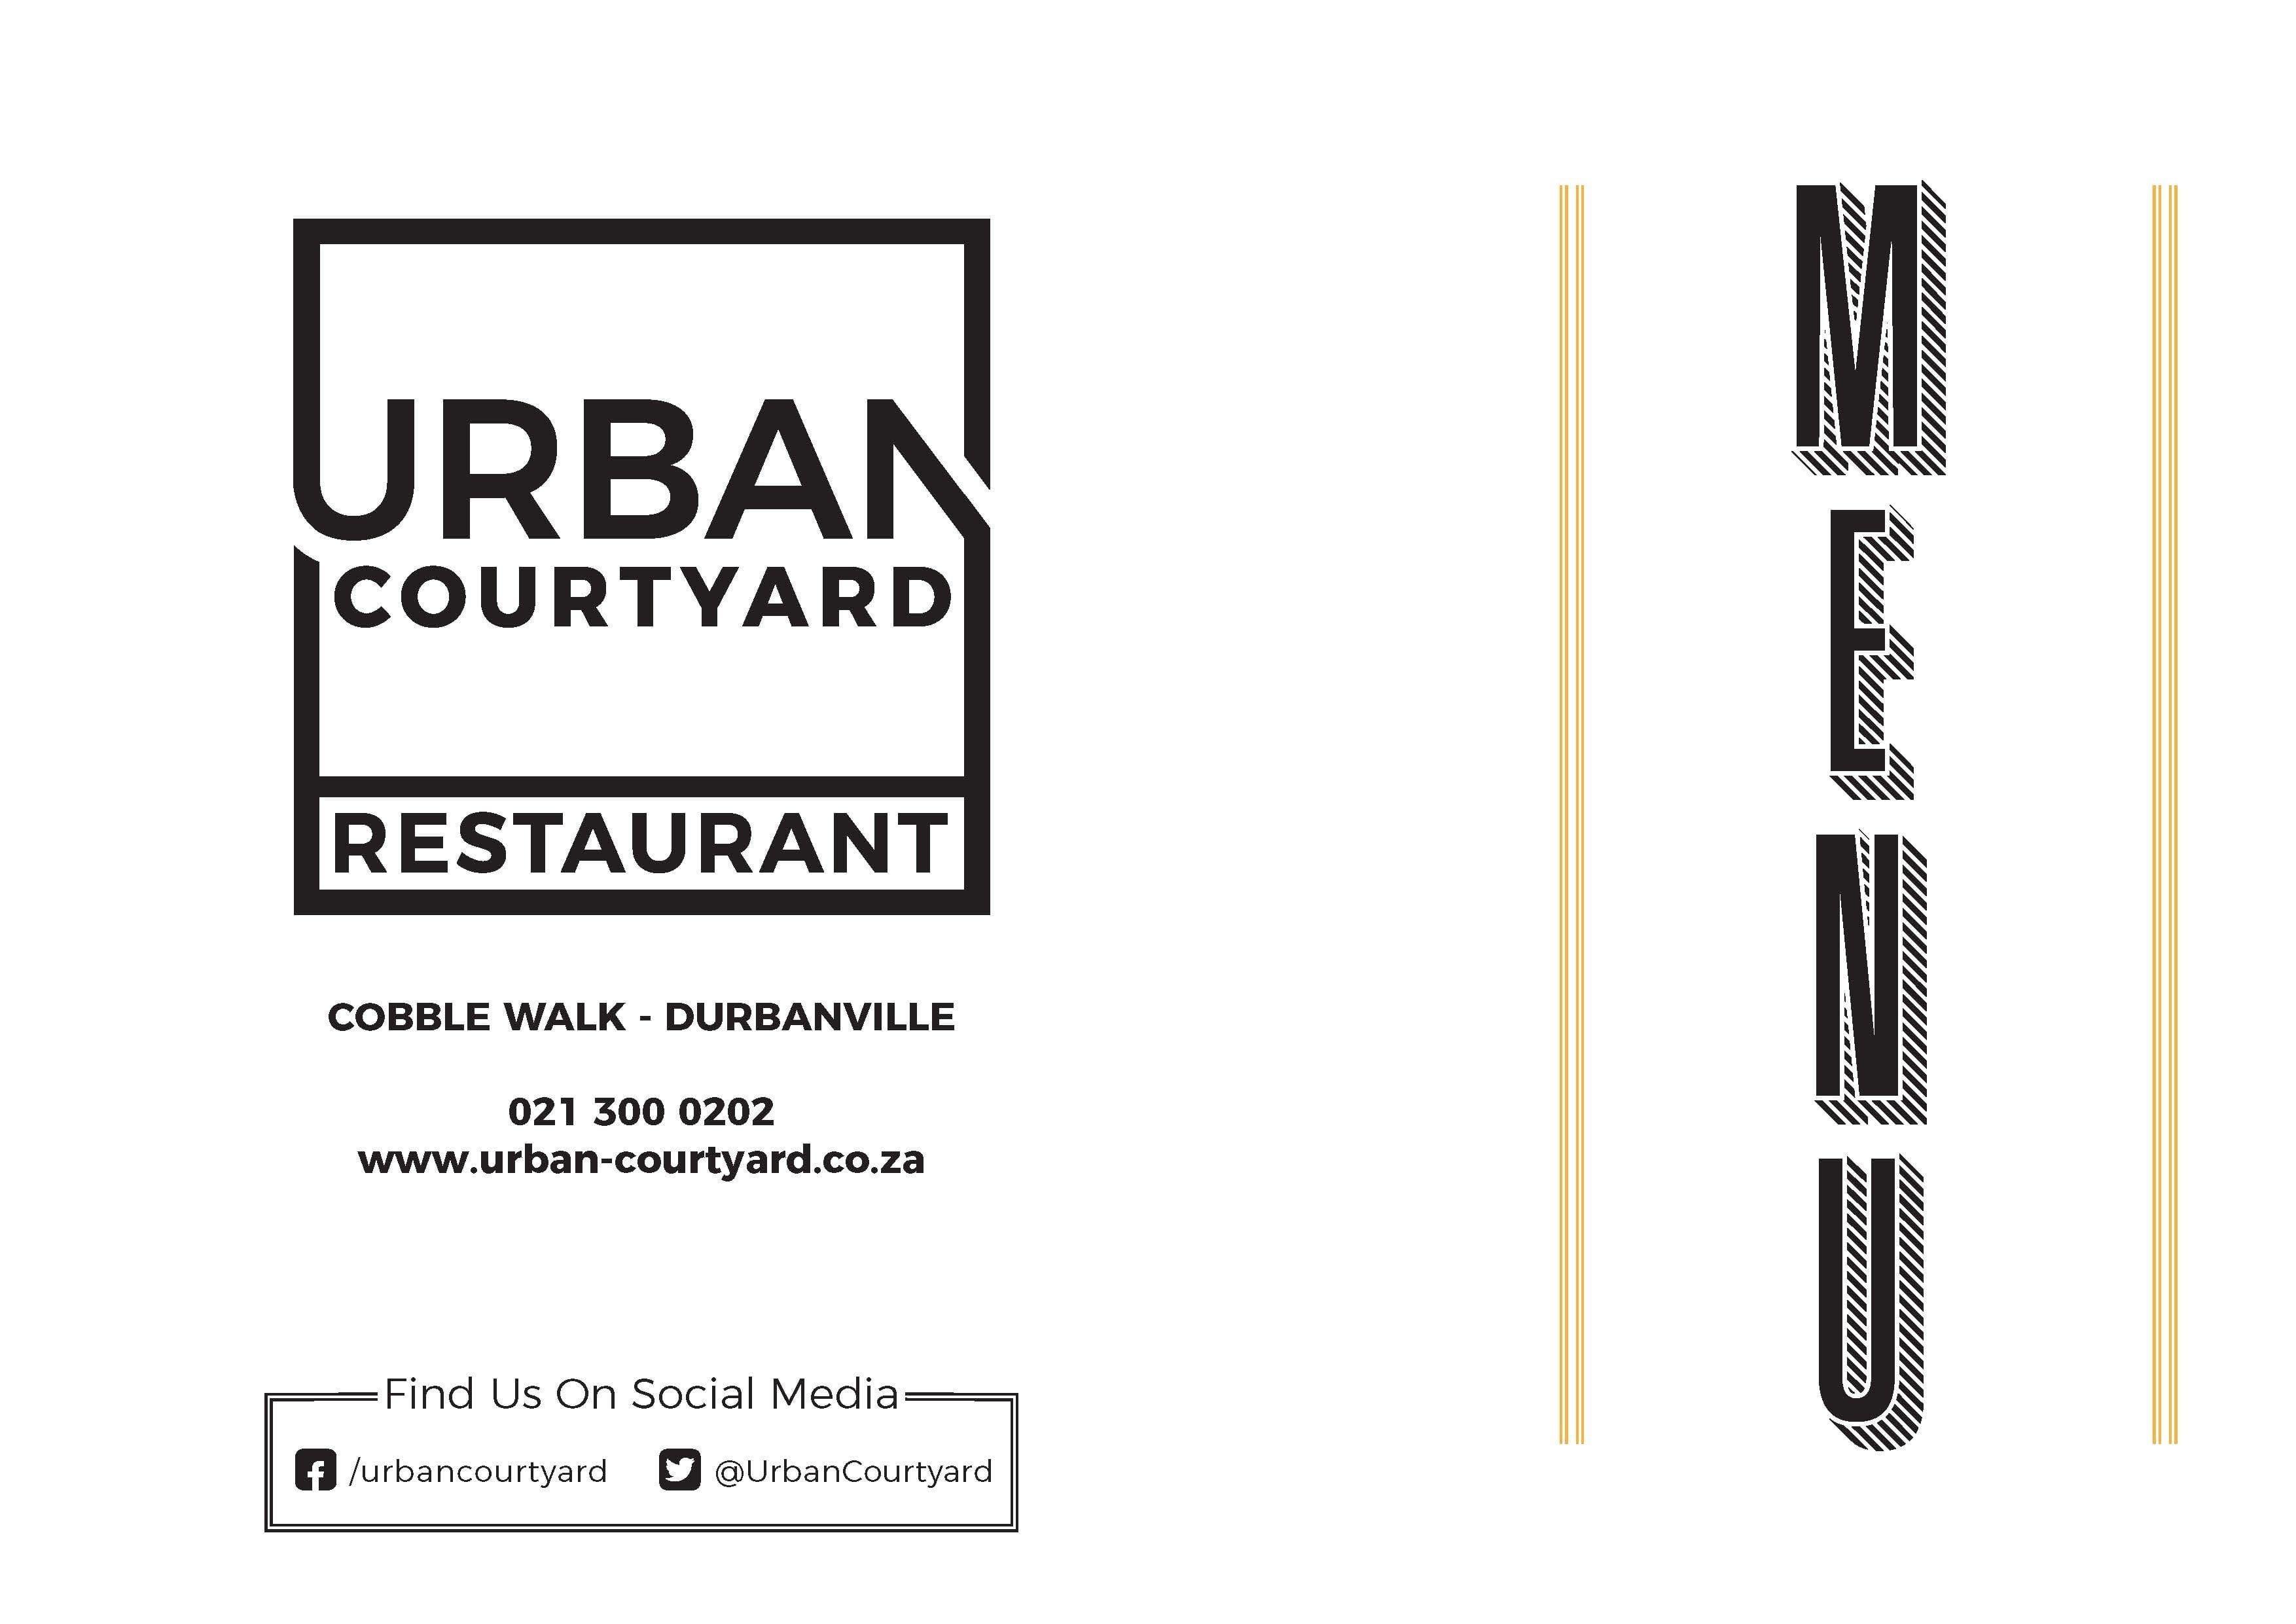 Urban Courtyard Menu, Menu for Urban Courtyard, Durbanville, Cape ...